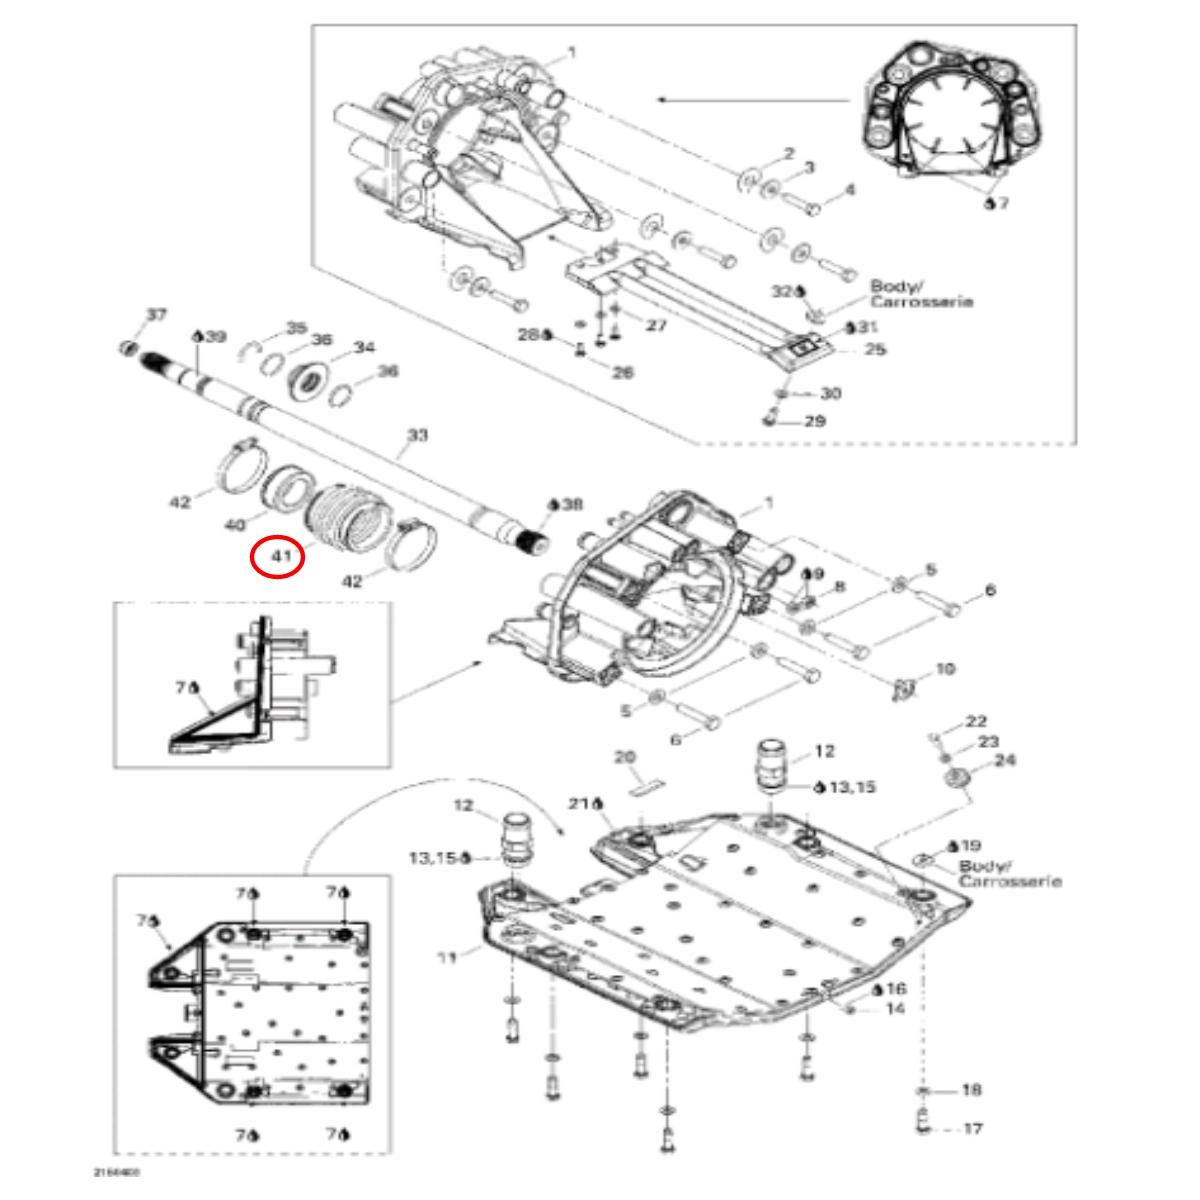 Borracha Sanfonada do Anel de Carbono para Jet Ski Sea Doo RXP  - Radical Peças - Peças para Jet Ski